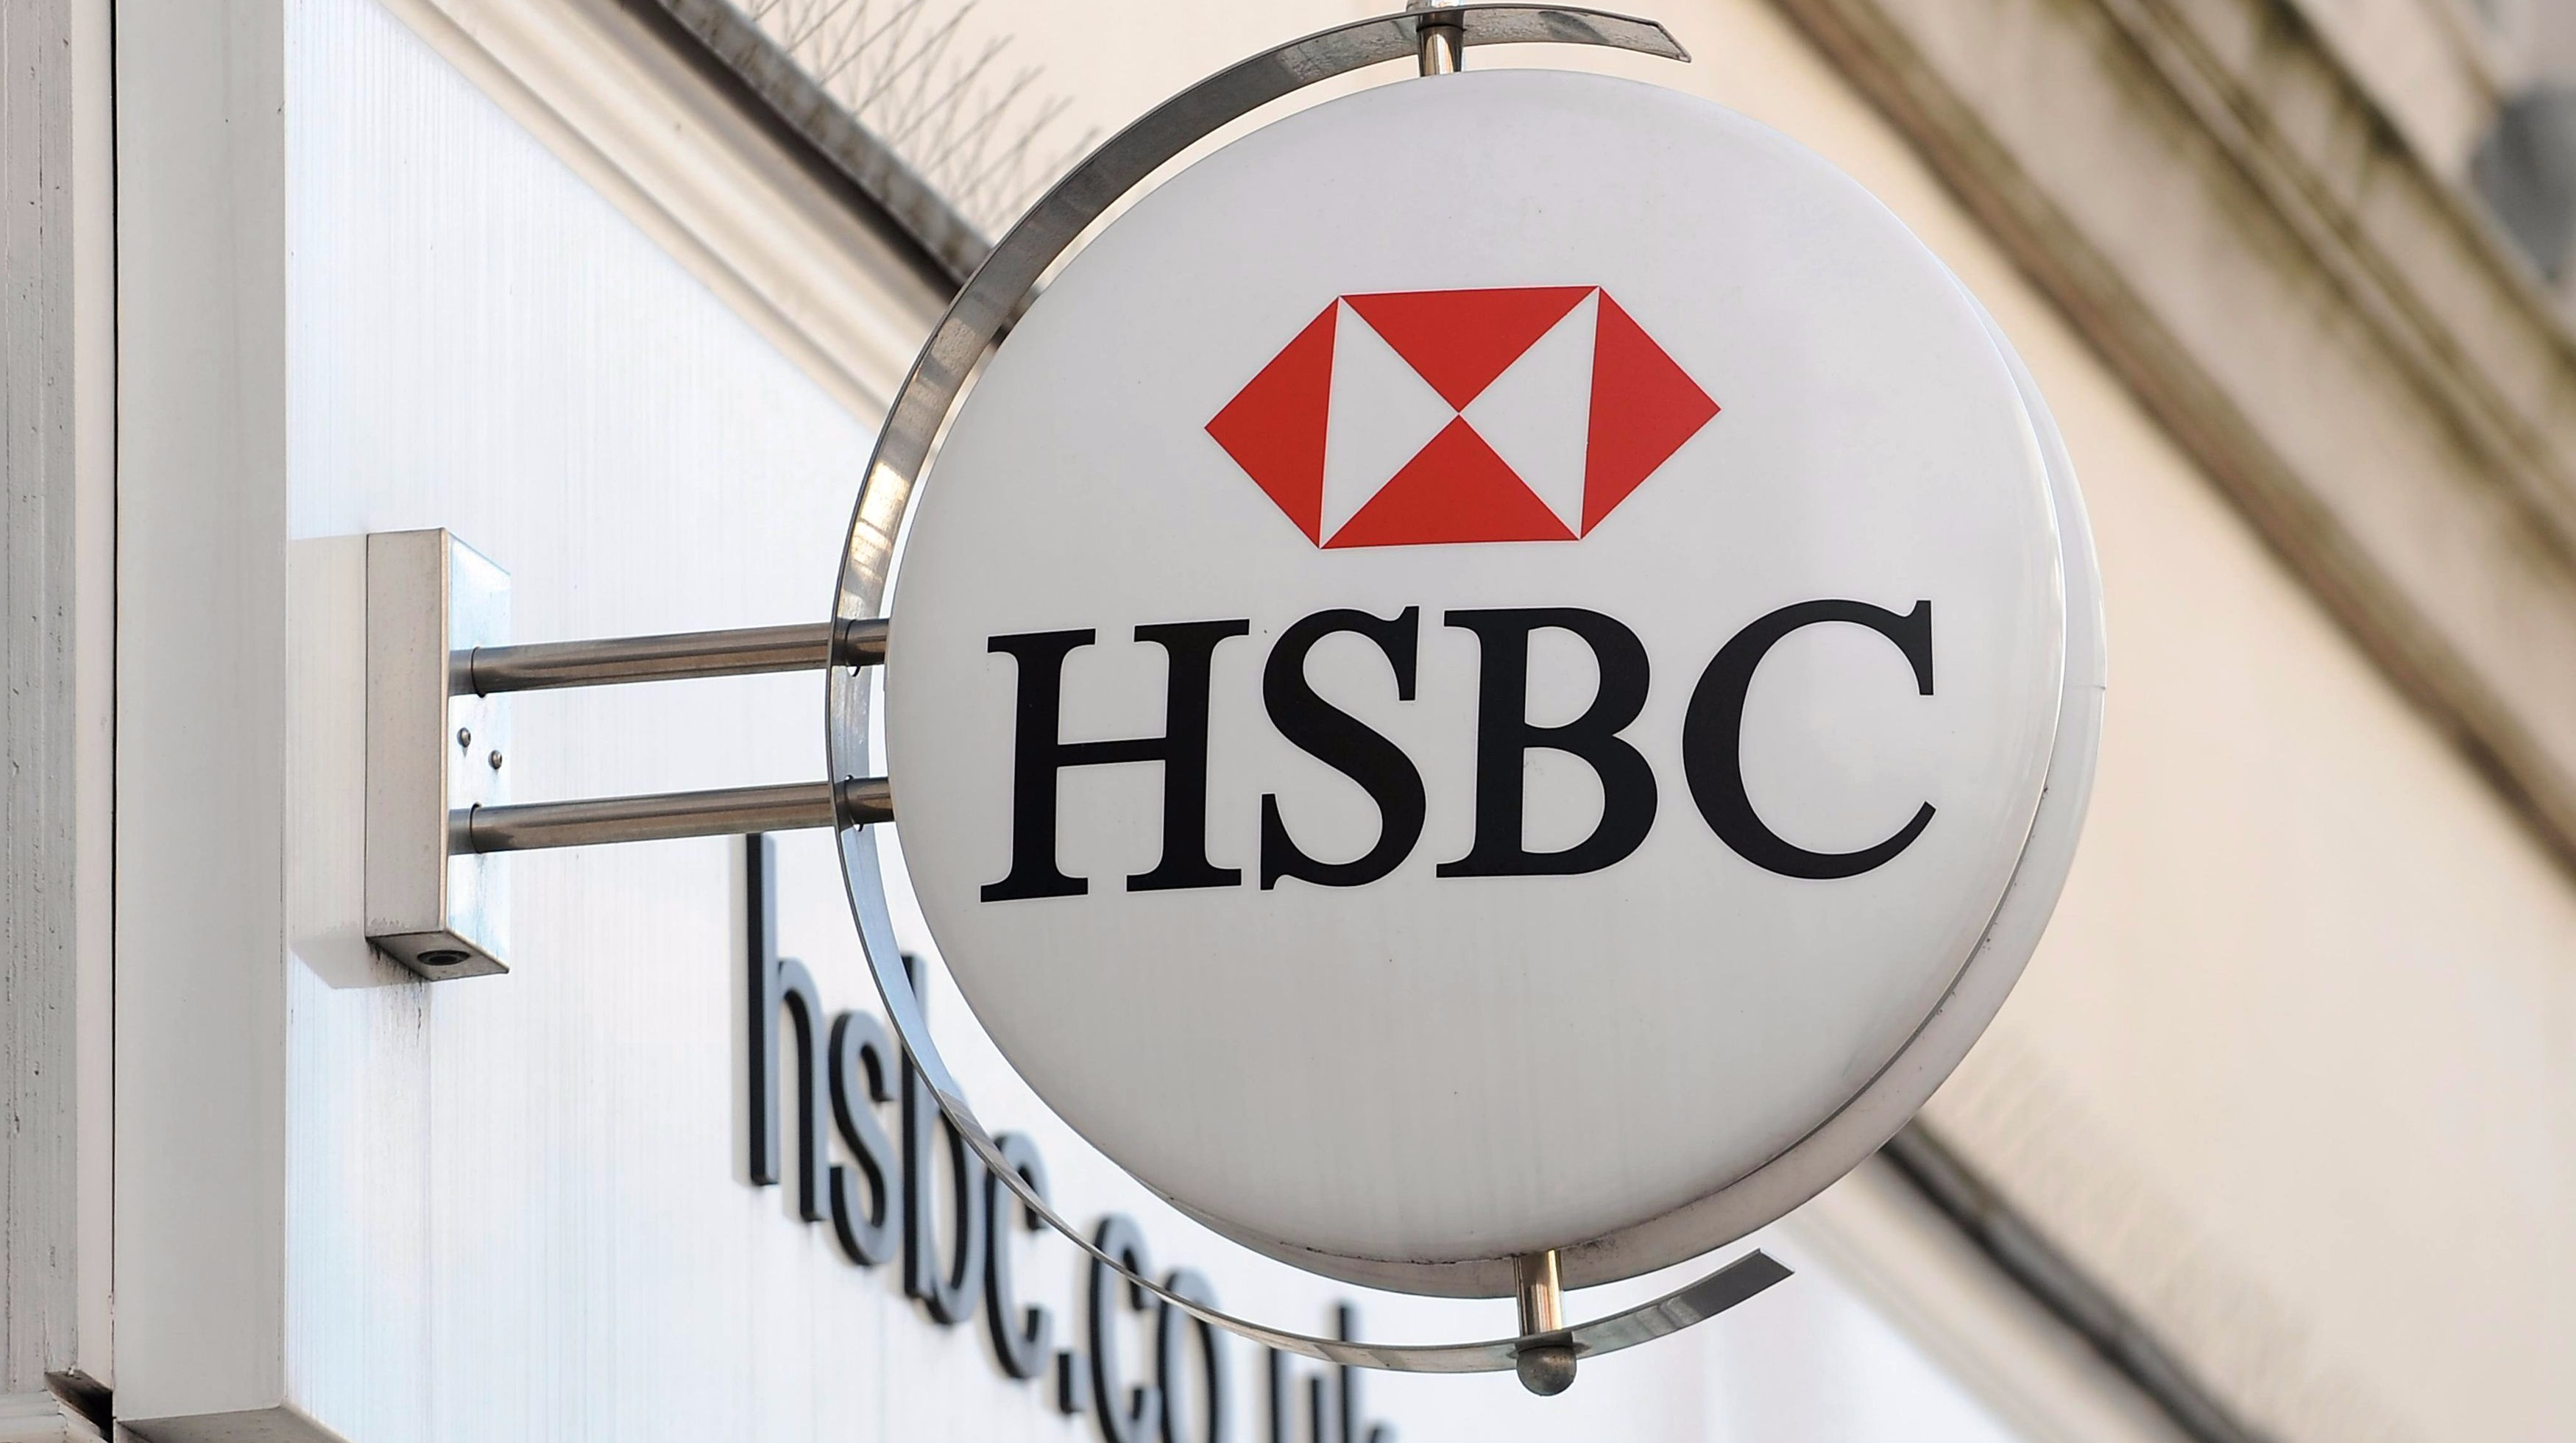 HSBC's profits slump over Brexit and China's economic worries - ITV News